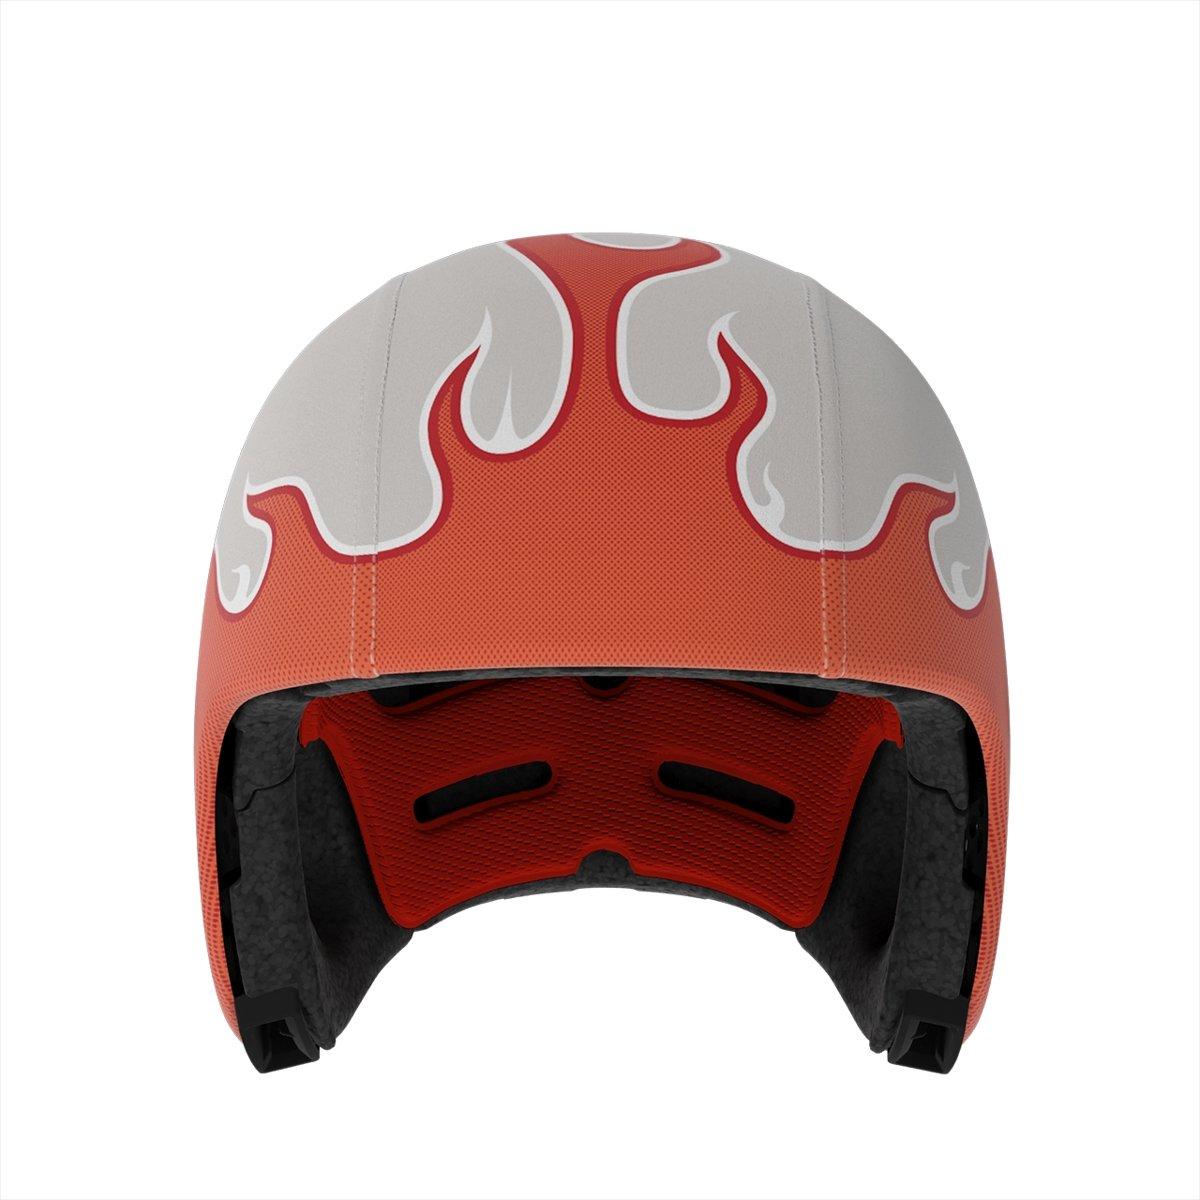 EGG helmet Dante - Small (48-52cm) kopen